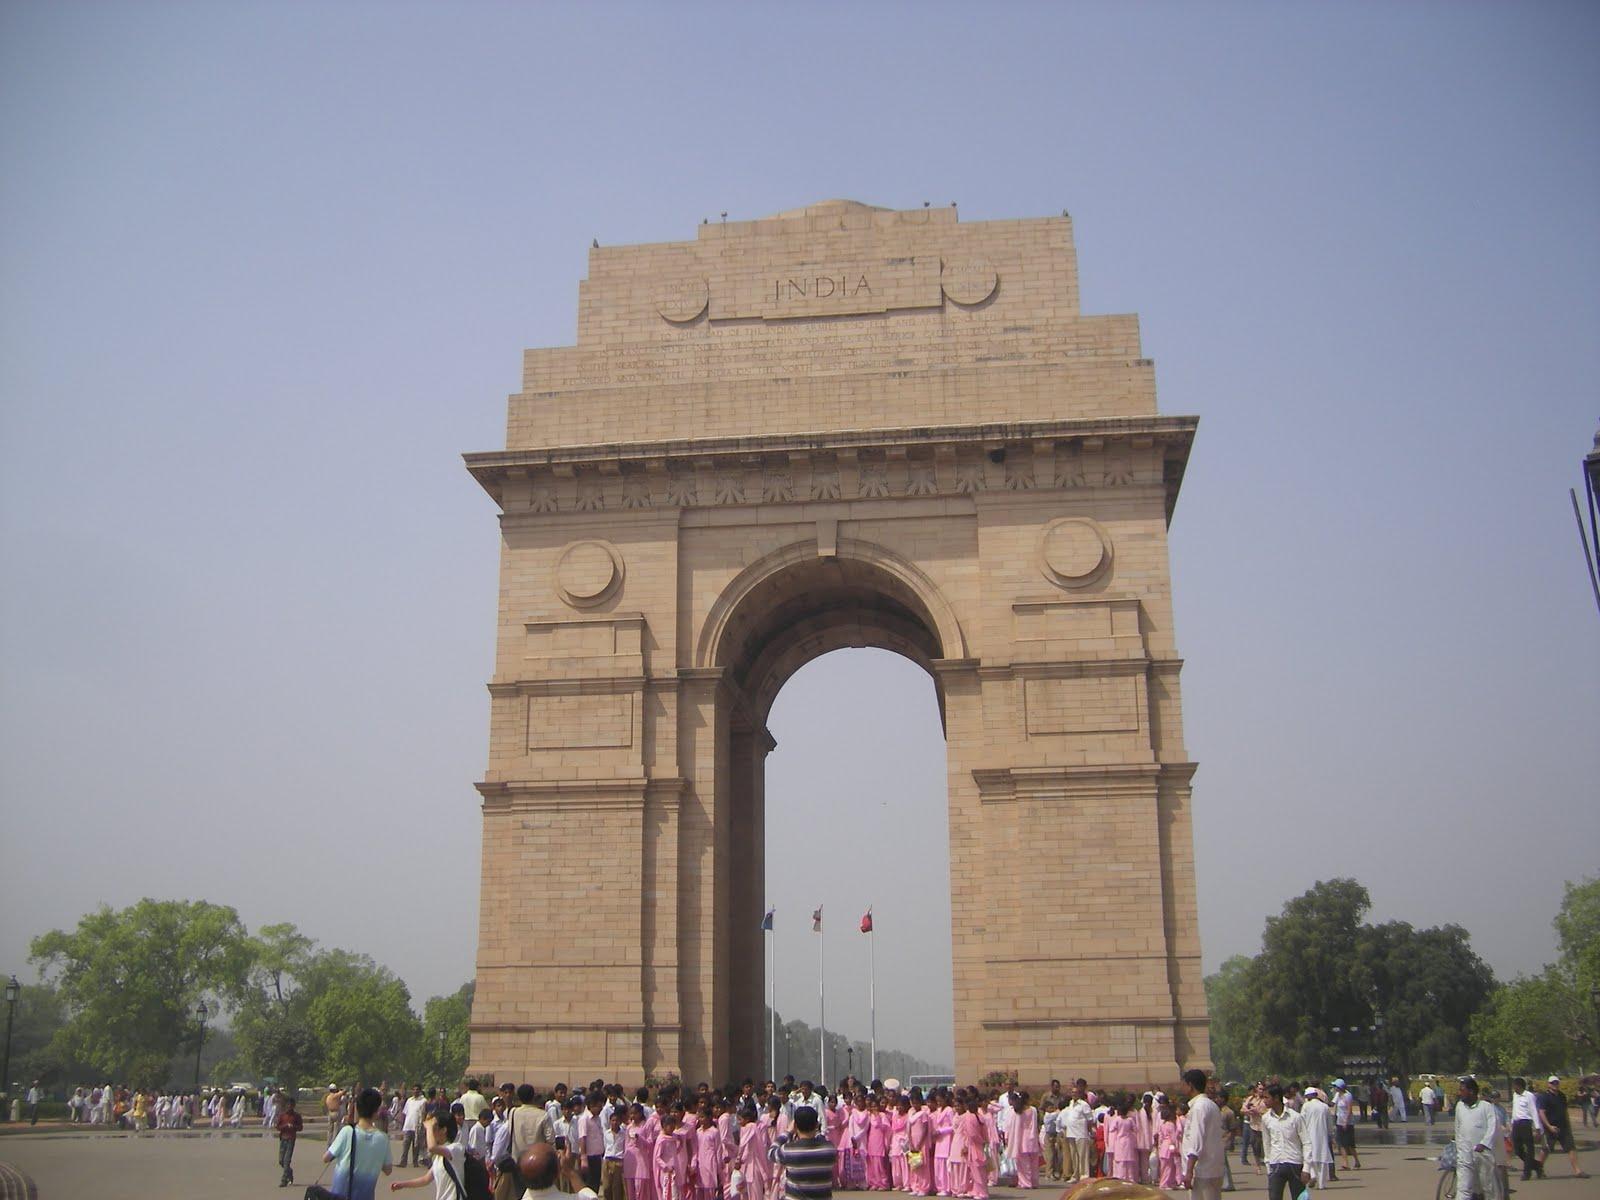 http://2.bp.blogspot.com/_Hbu9Fda2_j0/S63-4EAyRjI/AAAAAAAAADg/R40ggfk0x5s/s1600/India+Gate+1.JPG